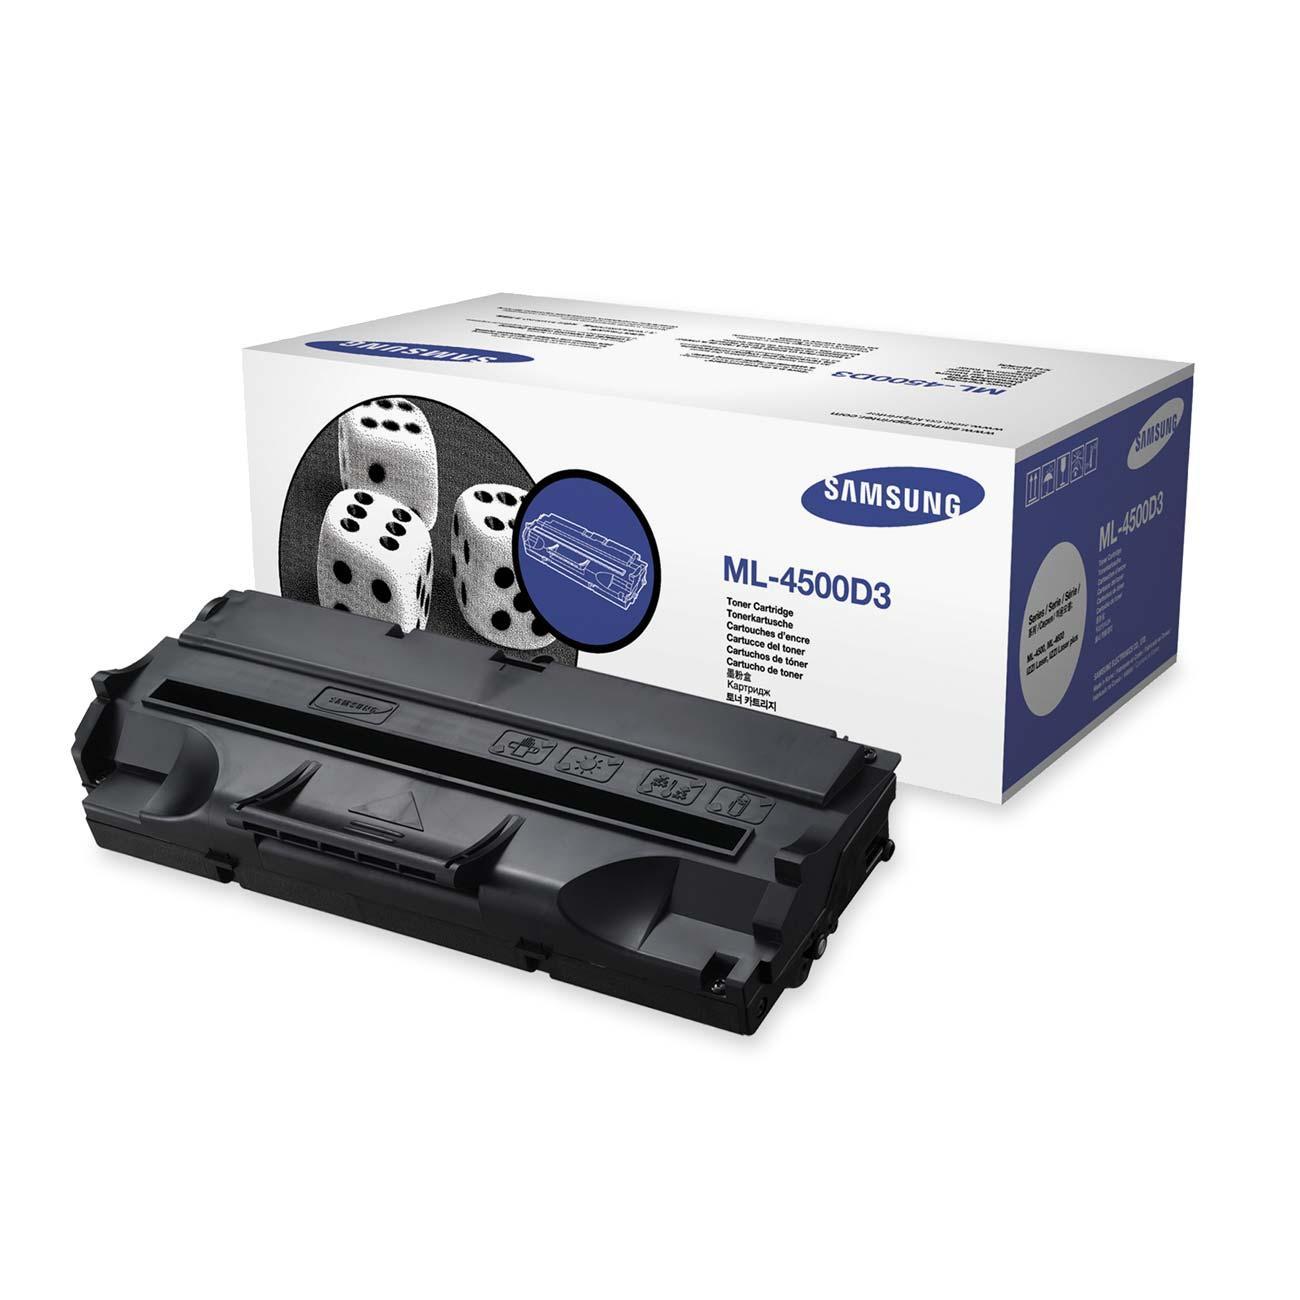 Картридж NV-Print совместимый Canon 703 для LBP 2900/3000/1010/1012/1015/1020/1022/3015/3020/3030. Чёрный. 2000 страниц.